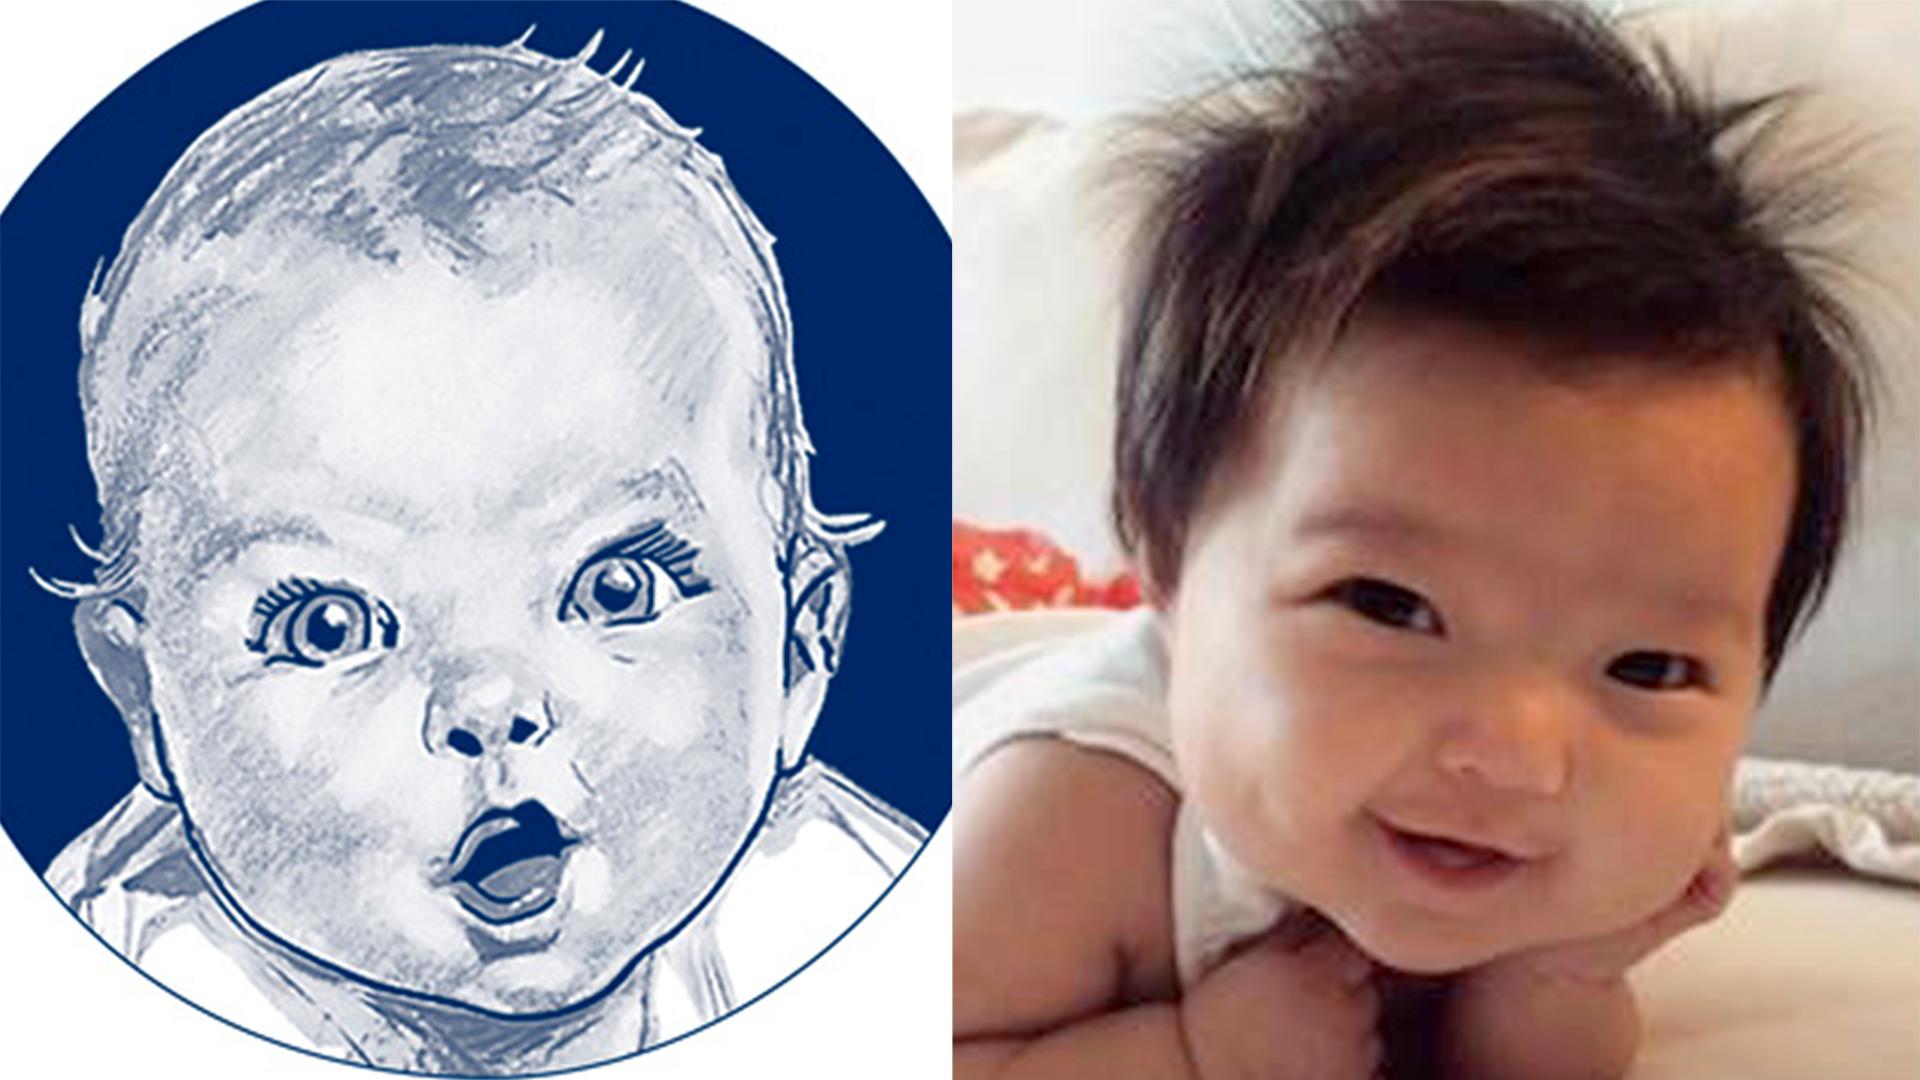 Meet Isla, the 2016 Gerber Baby